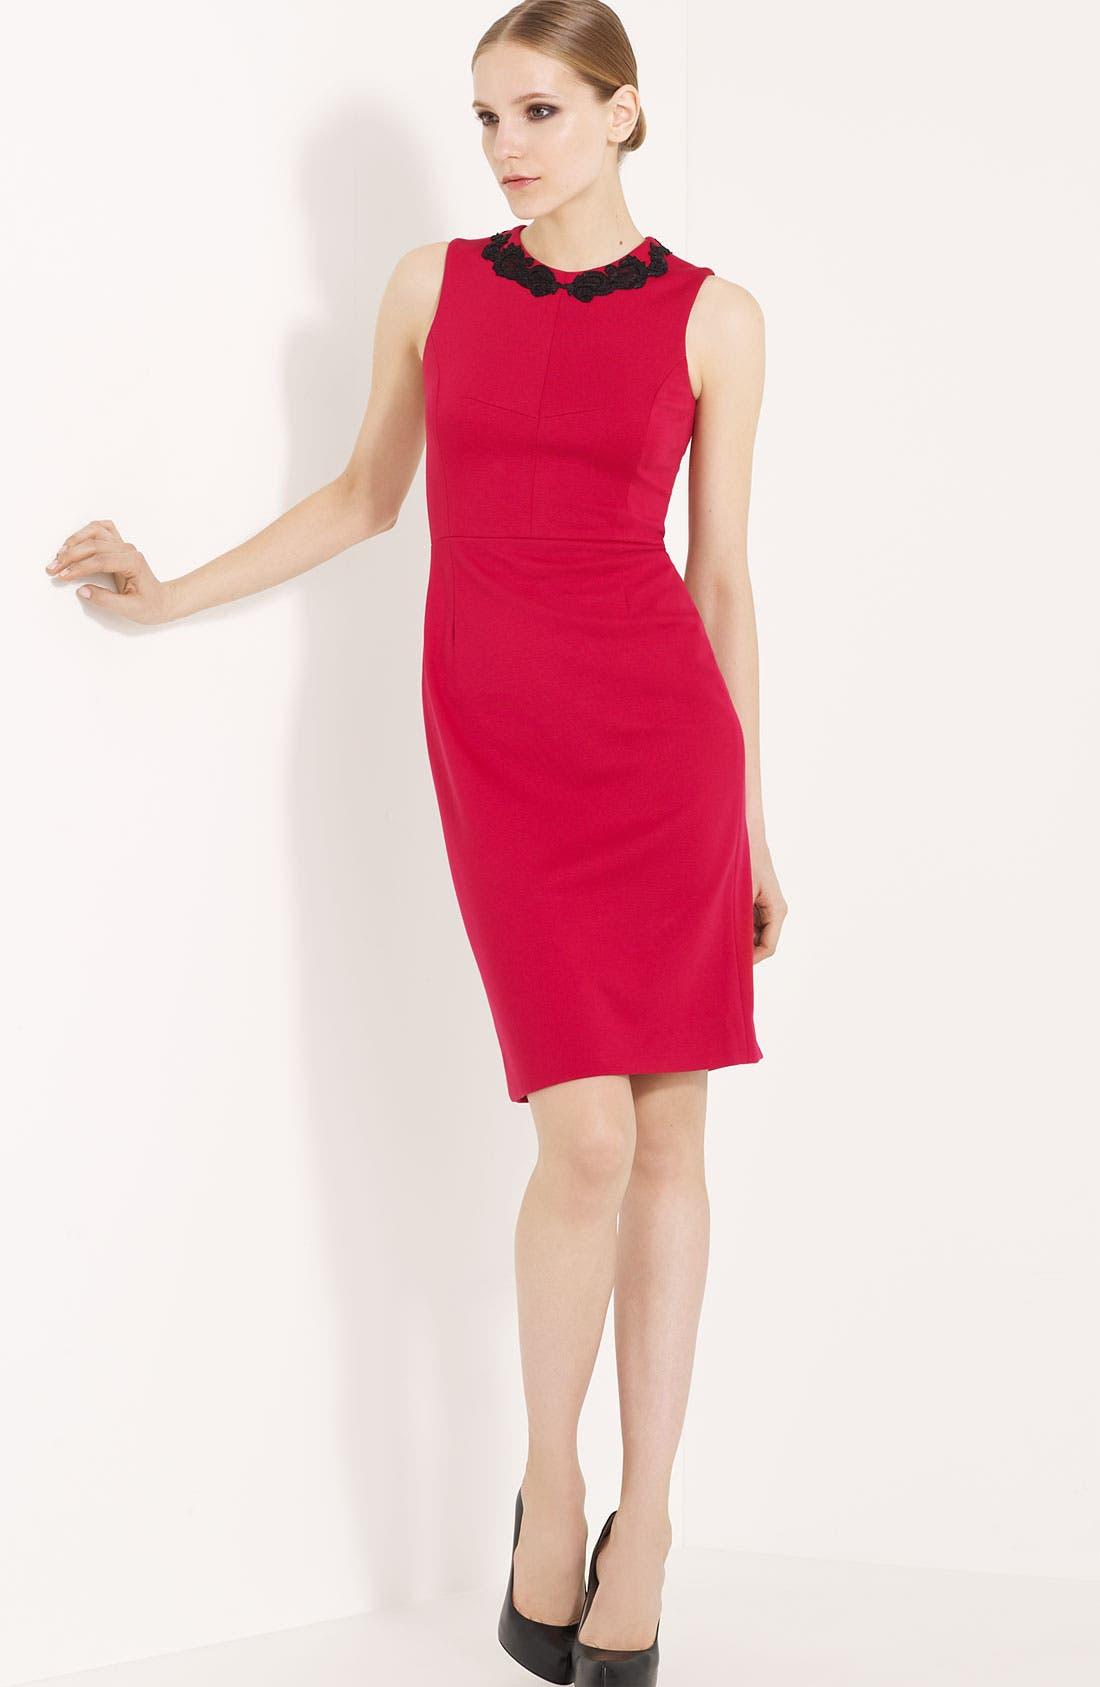 Main Image - Jason Wu Embroidered Jersey Dress